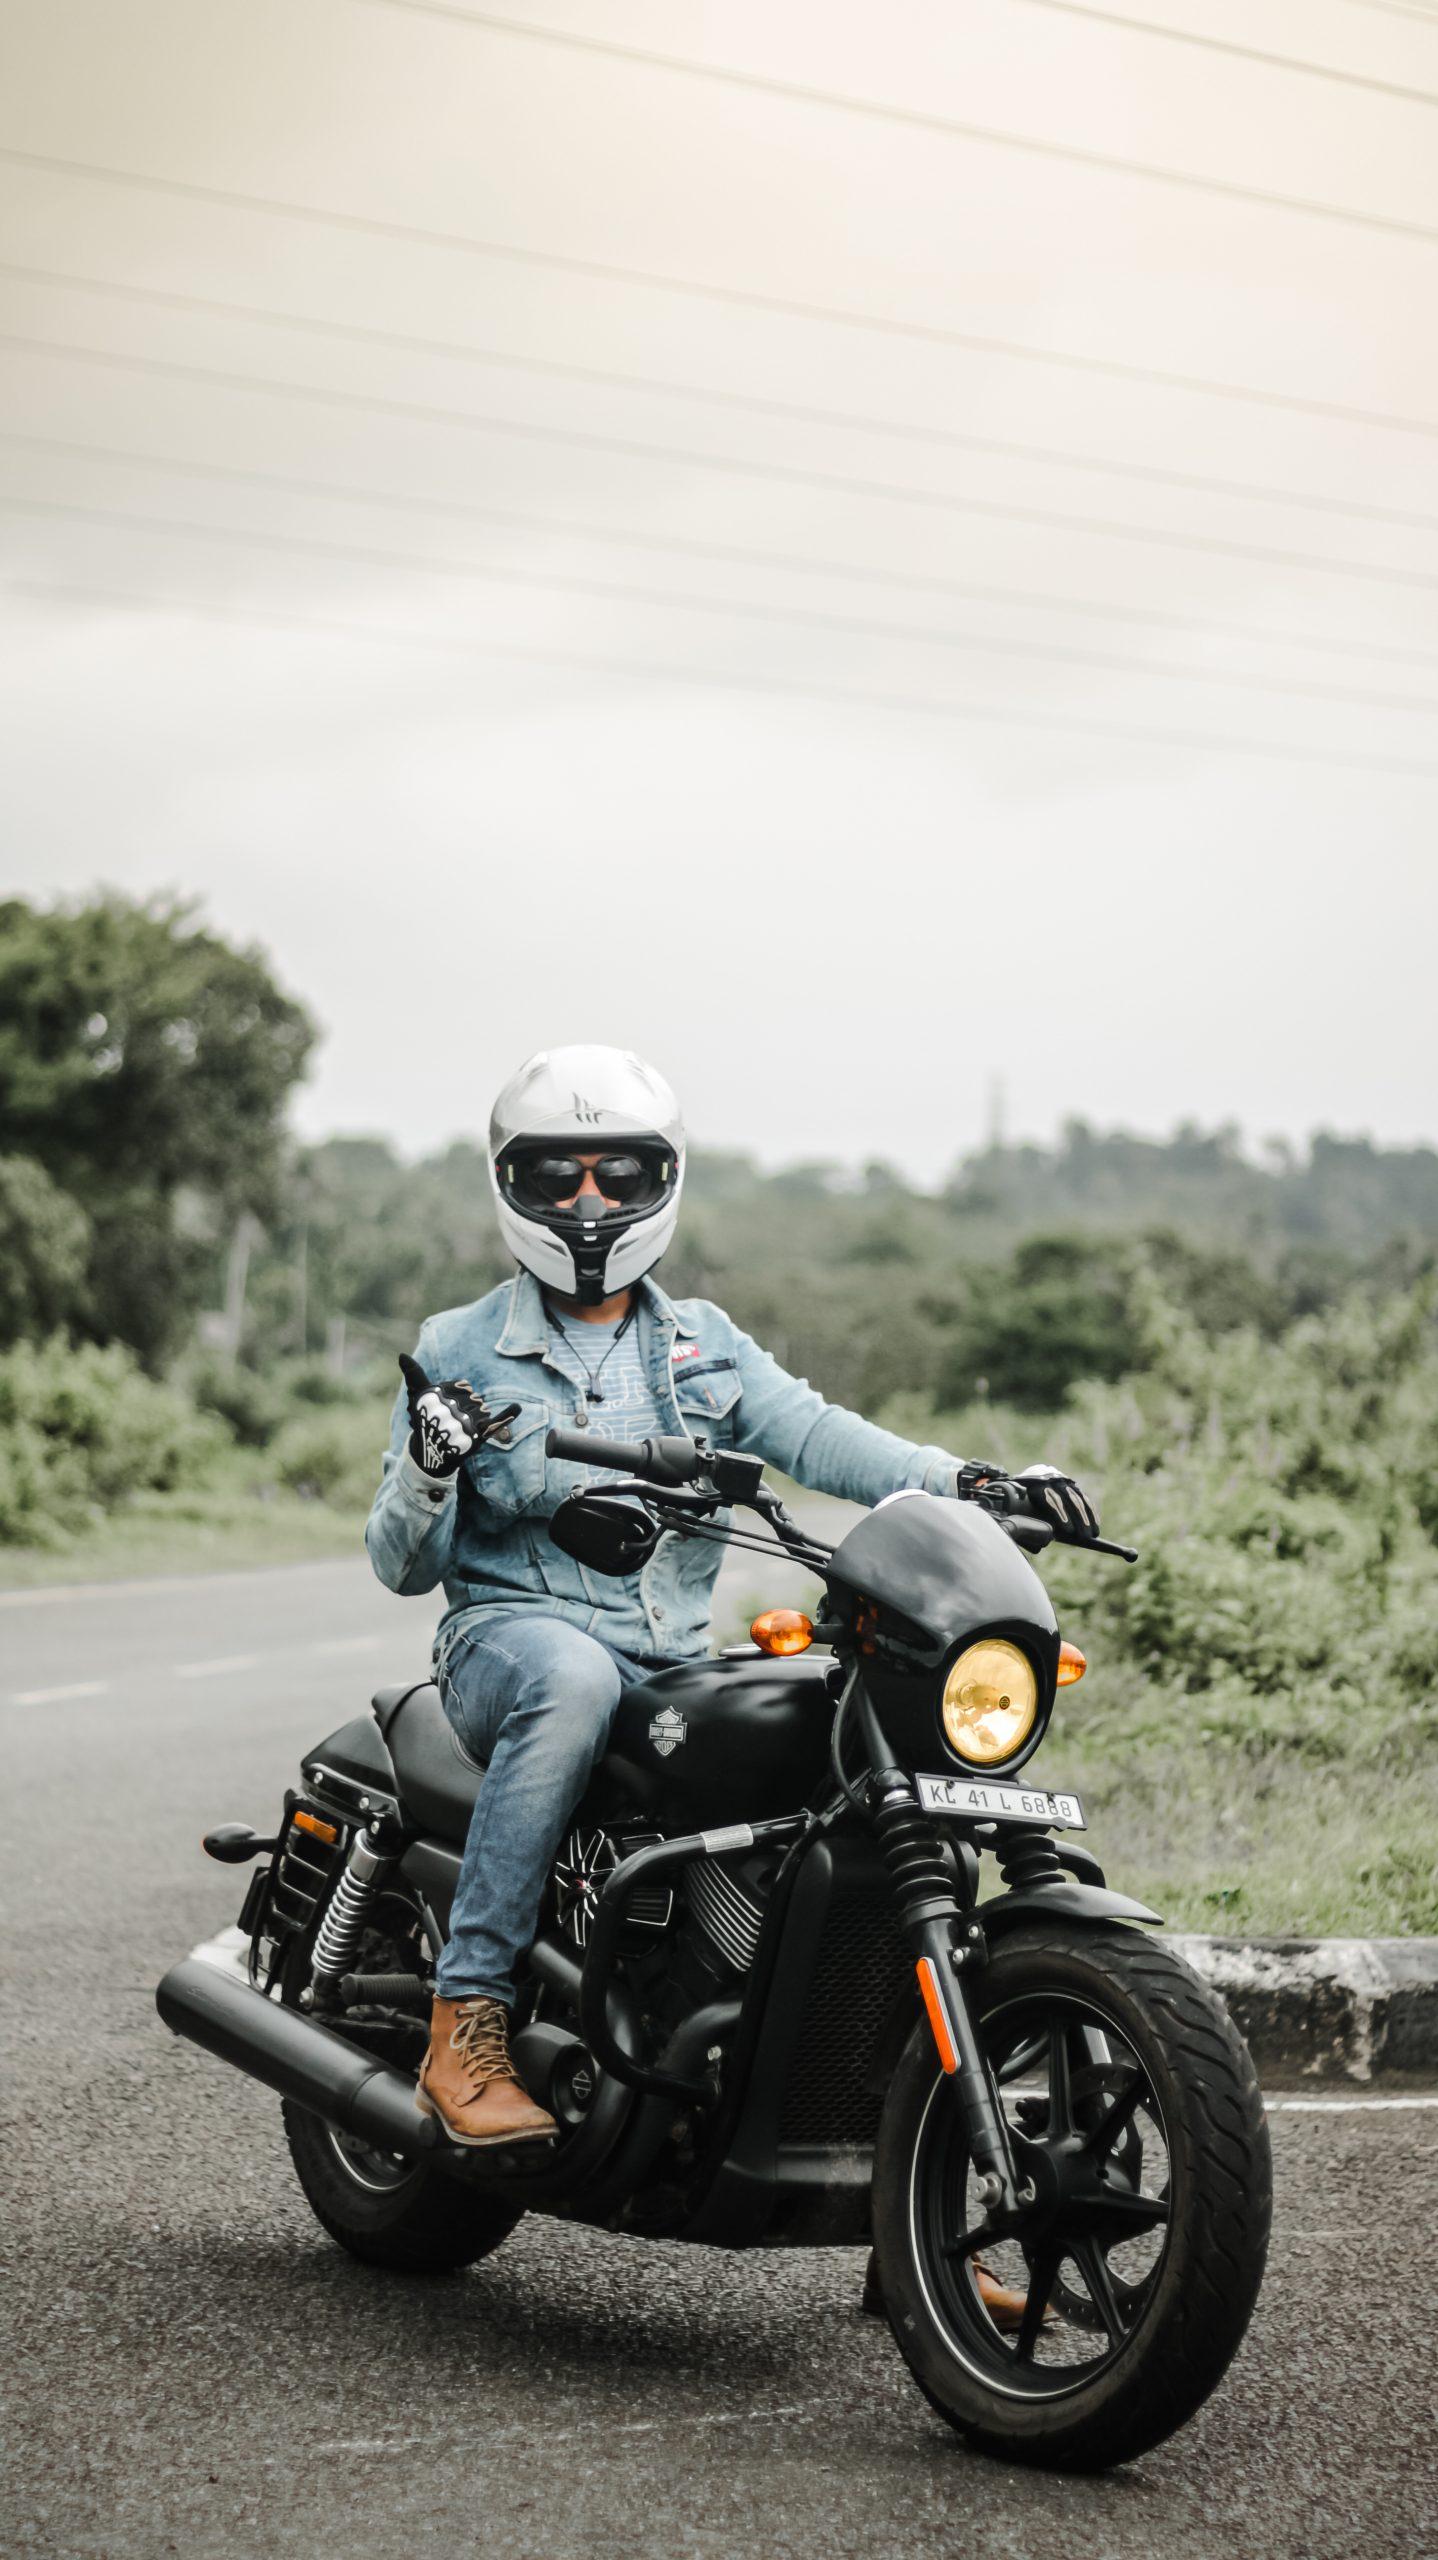 A boy on heavy engine bike